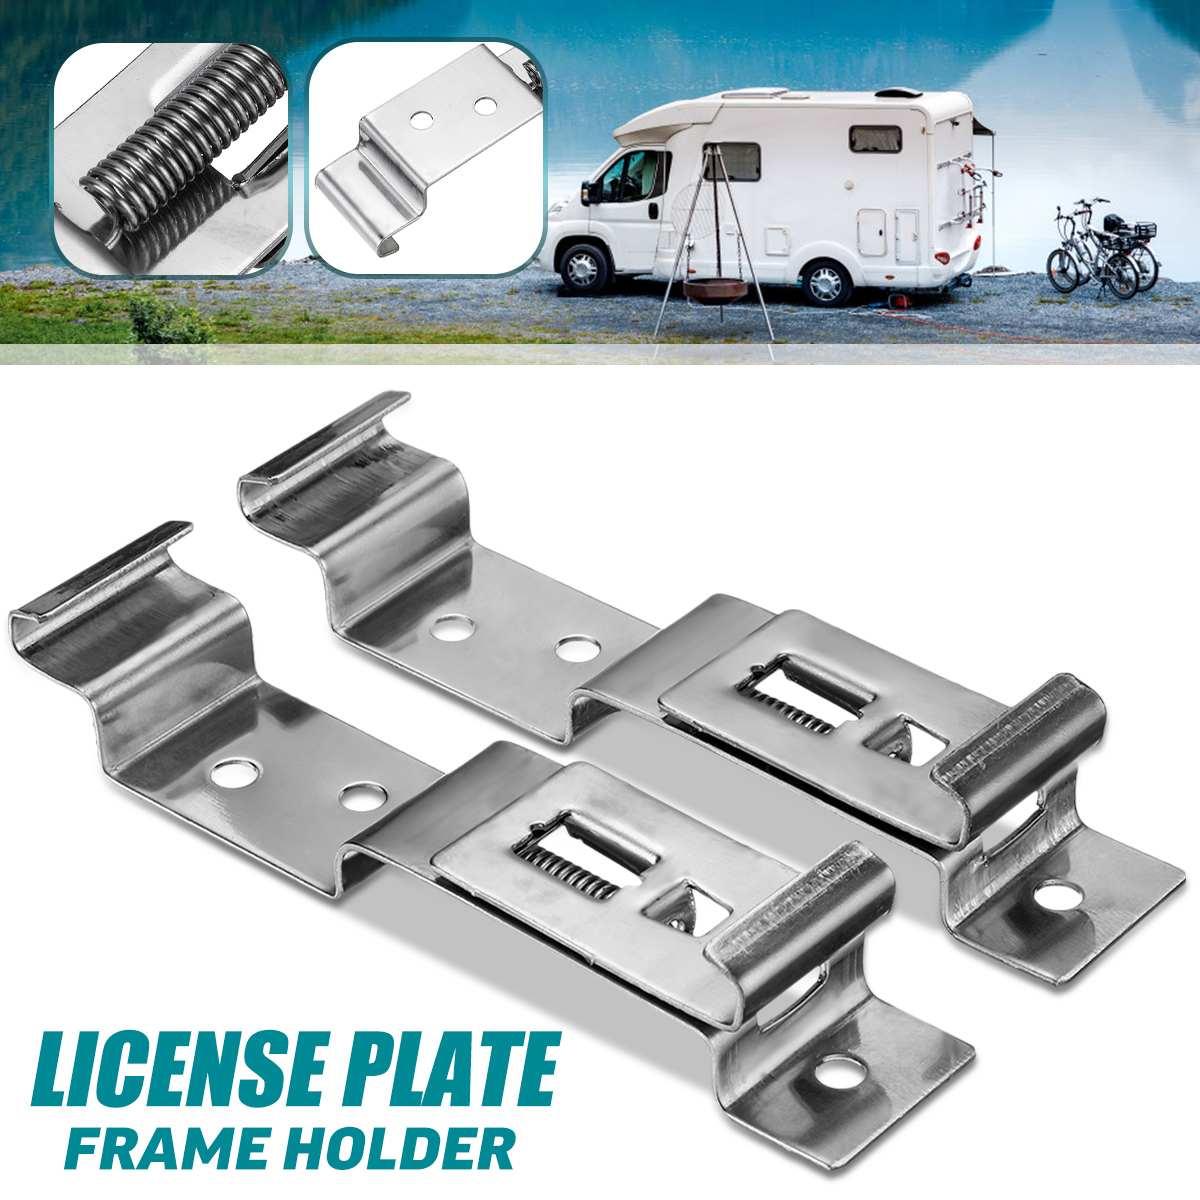 2 pièces européenne EU en acier inoxydable numéro de voiture plaque d'immatriculation support de cadre support pour camping-Car remorque camion Clips couverture printemps